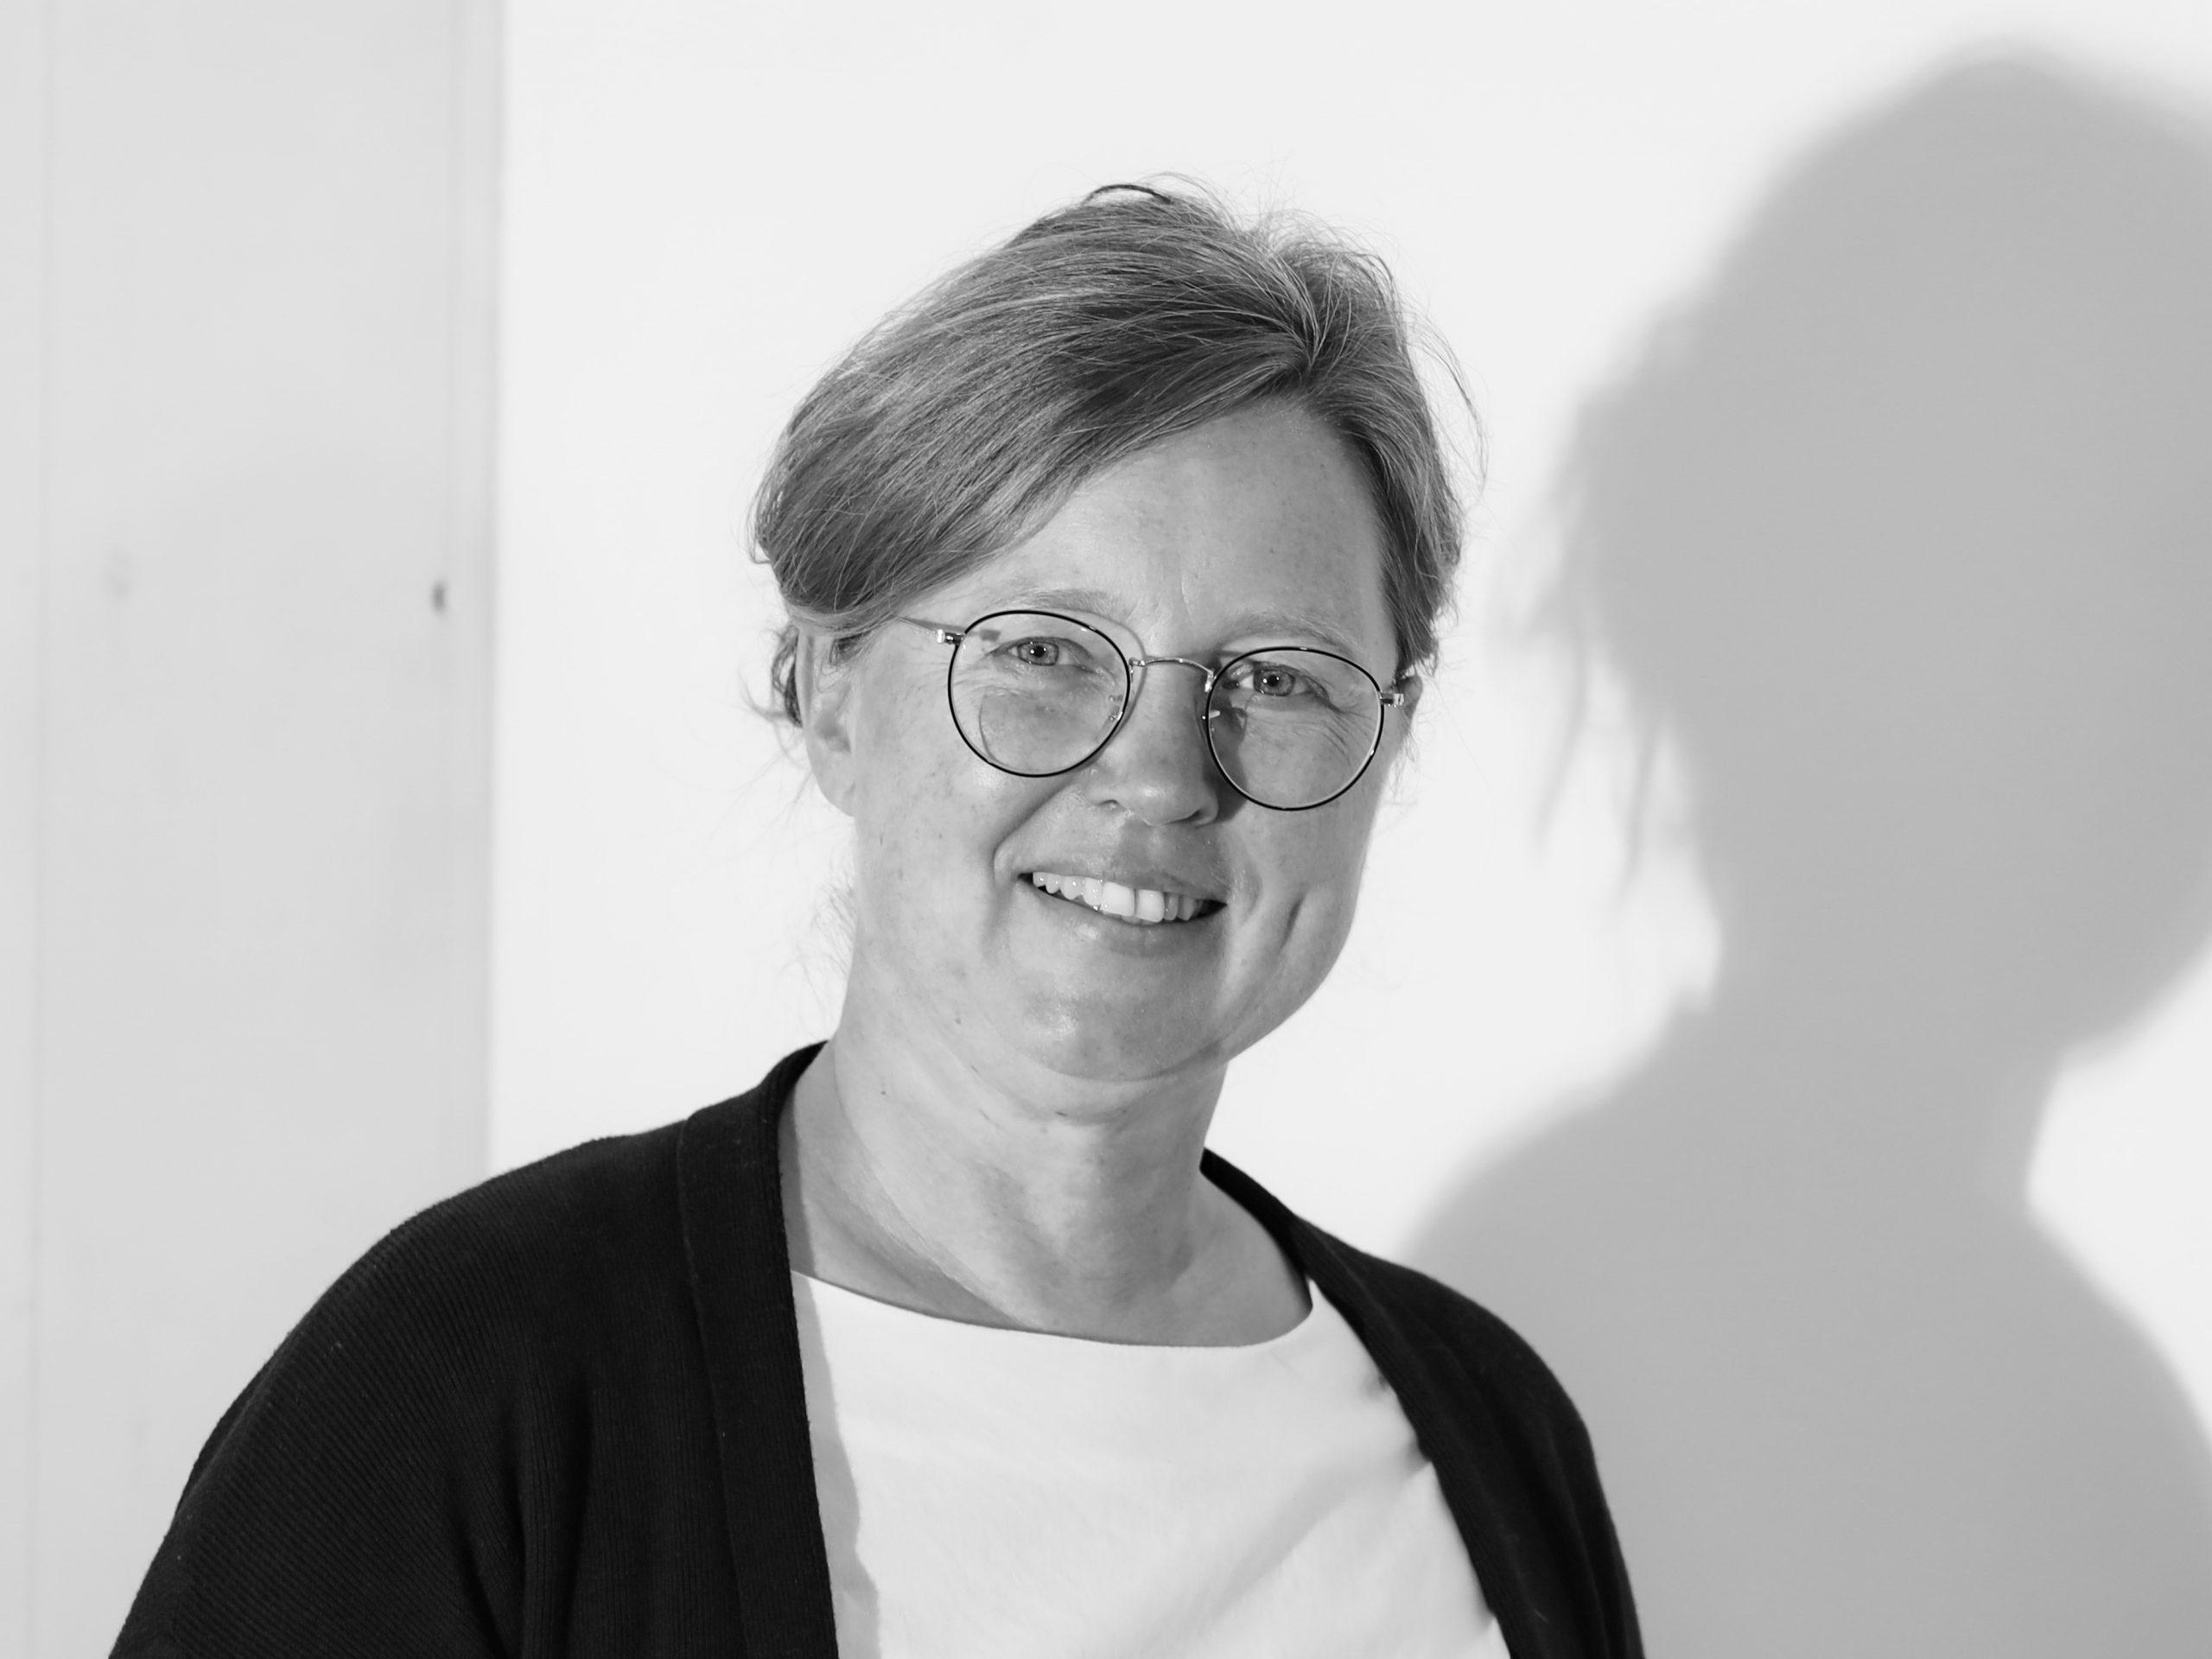 Brigitta Hofer